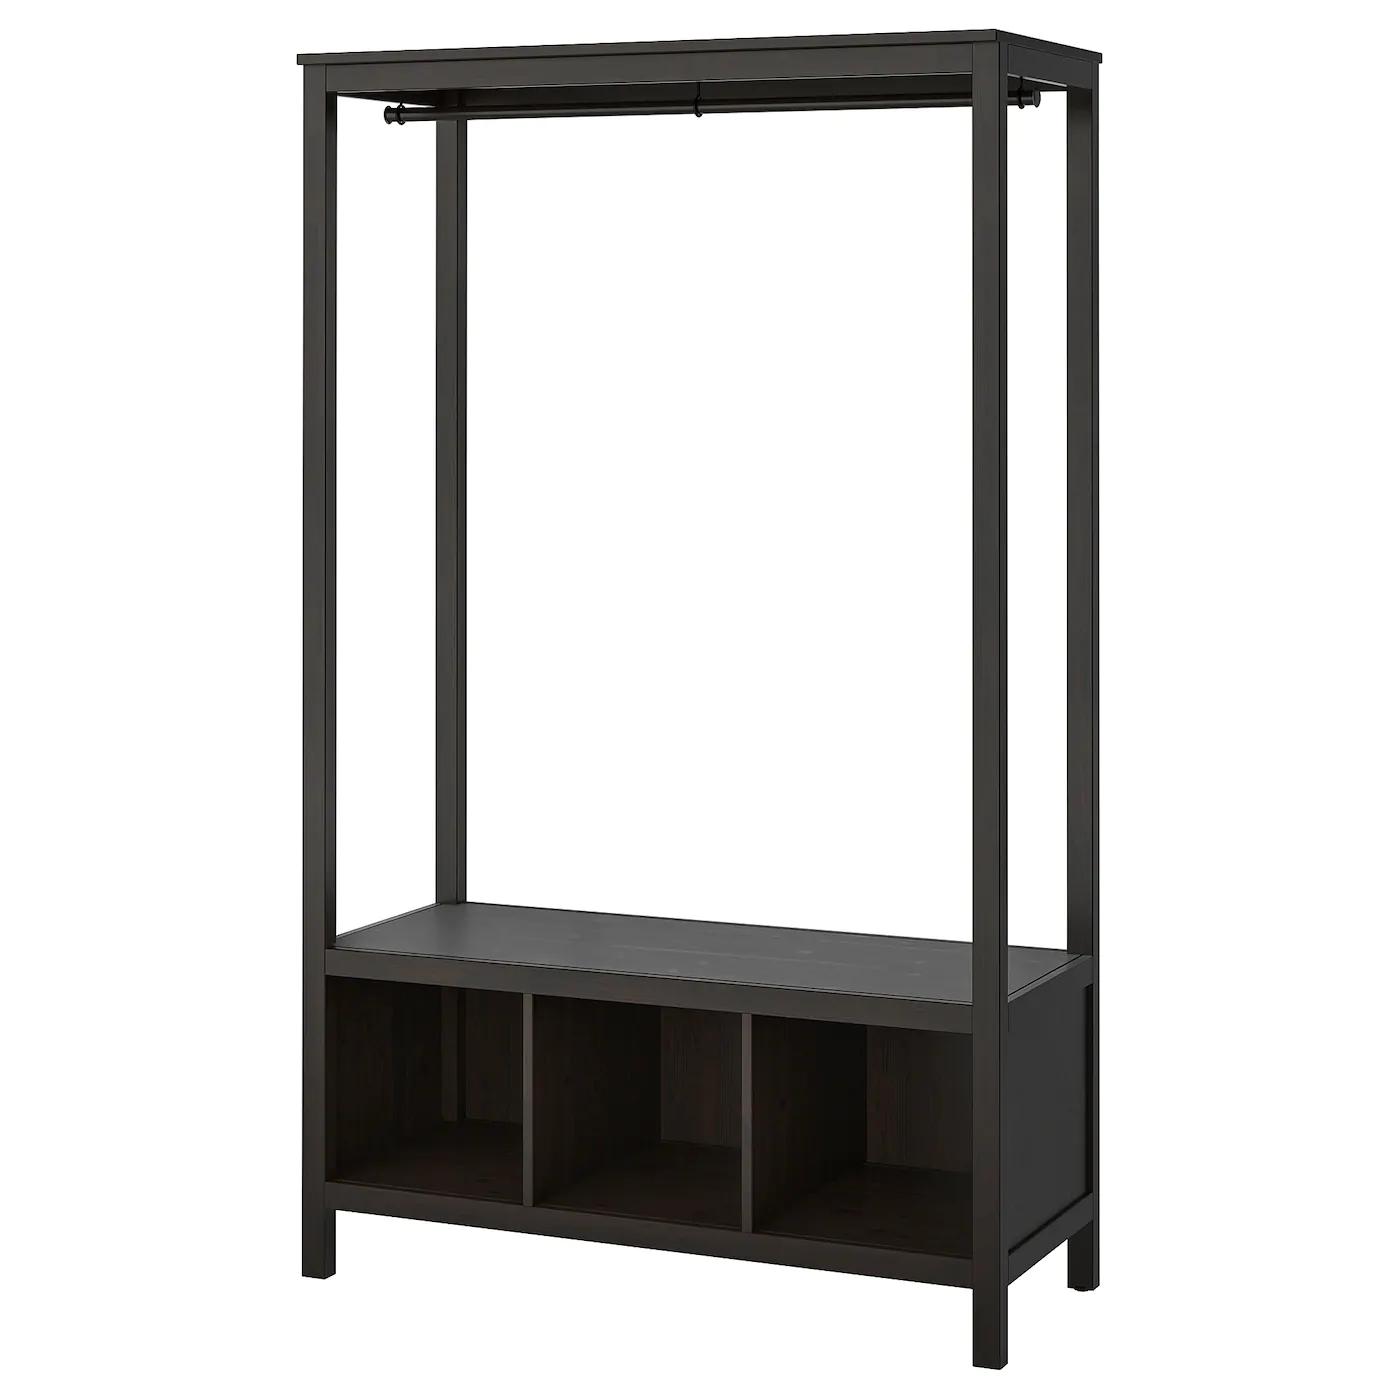 [Ikea Family] Hemnes Kleiderschrank, offen, schwarzbraun ( 120x50x197 cm )